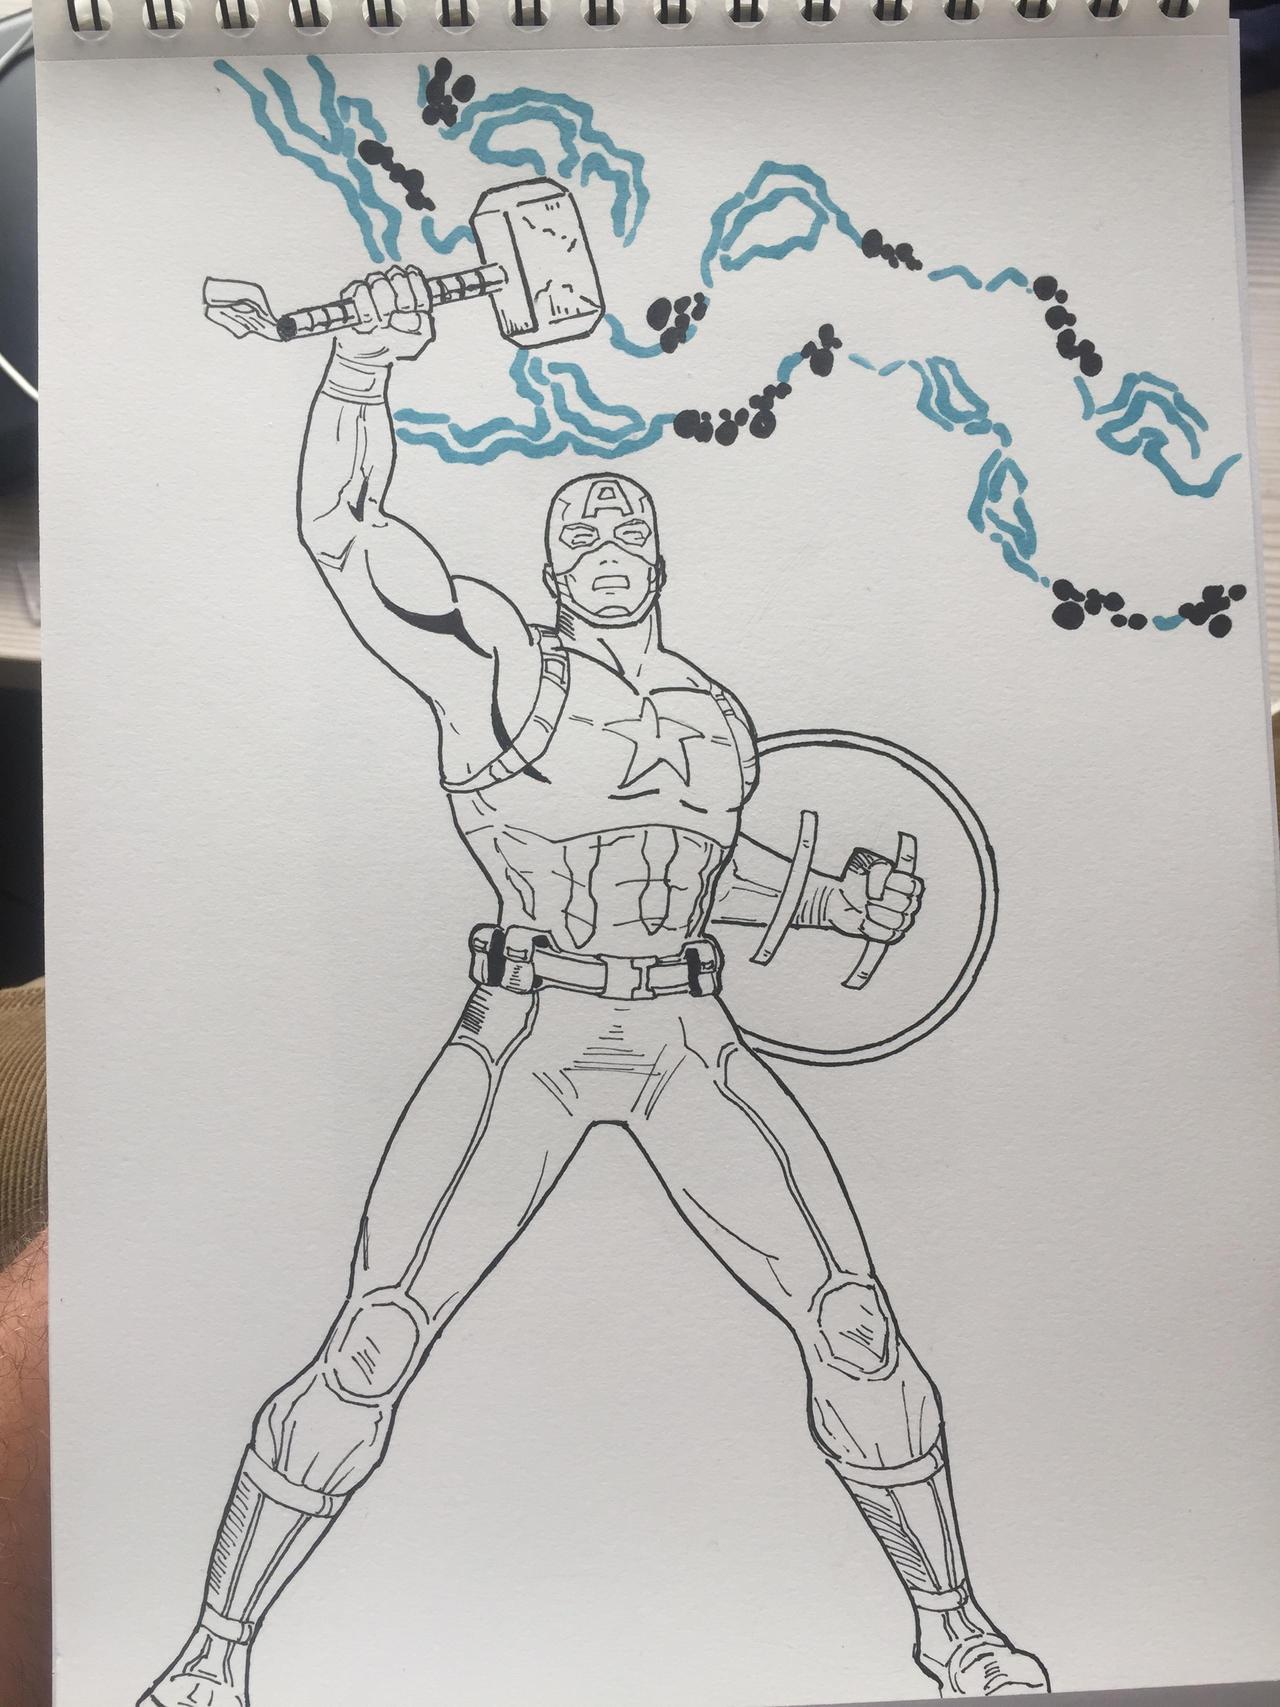 Captain America - mjolnir by julianomarold on DeviantArt